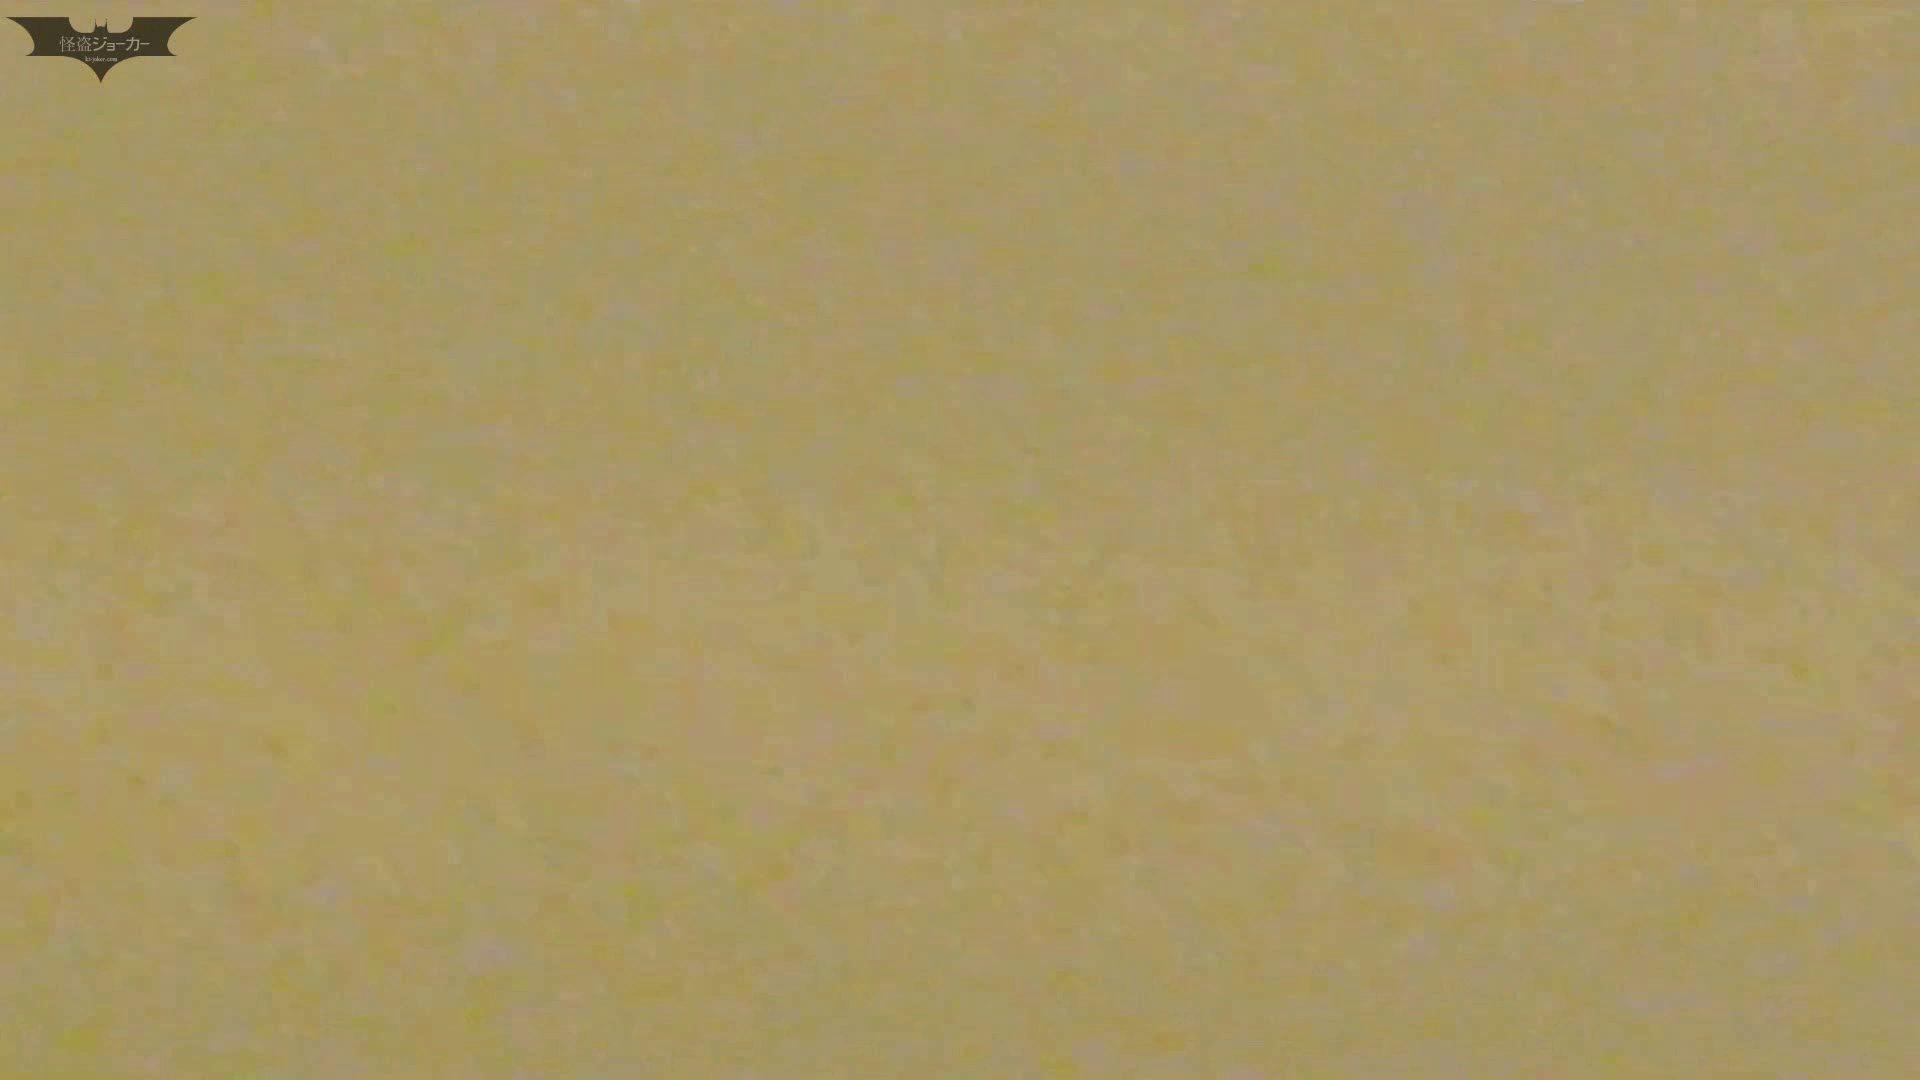 新世界の射窓 No64日本ギャル登場か?ハイヒール大特集! 洗面所  26pic 2